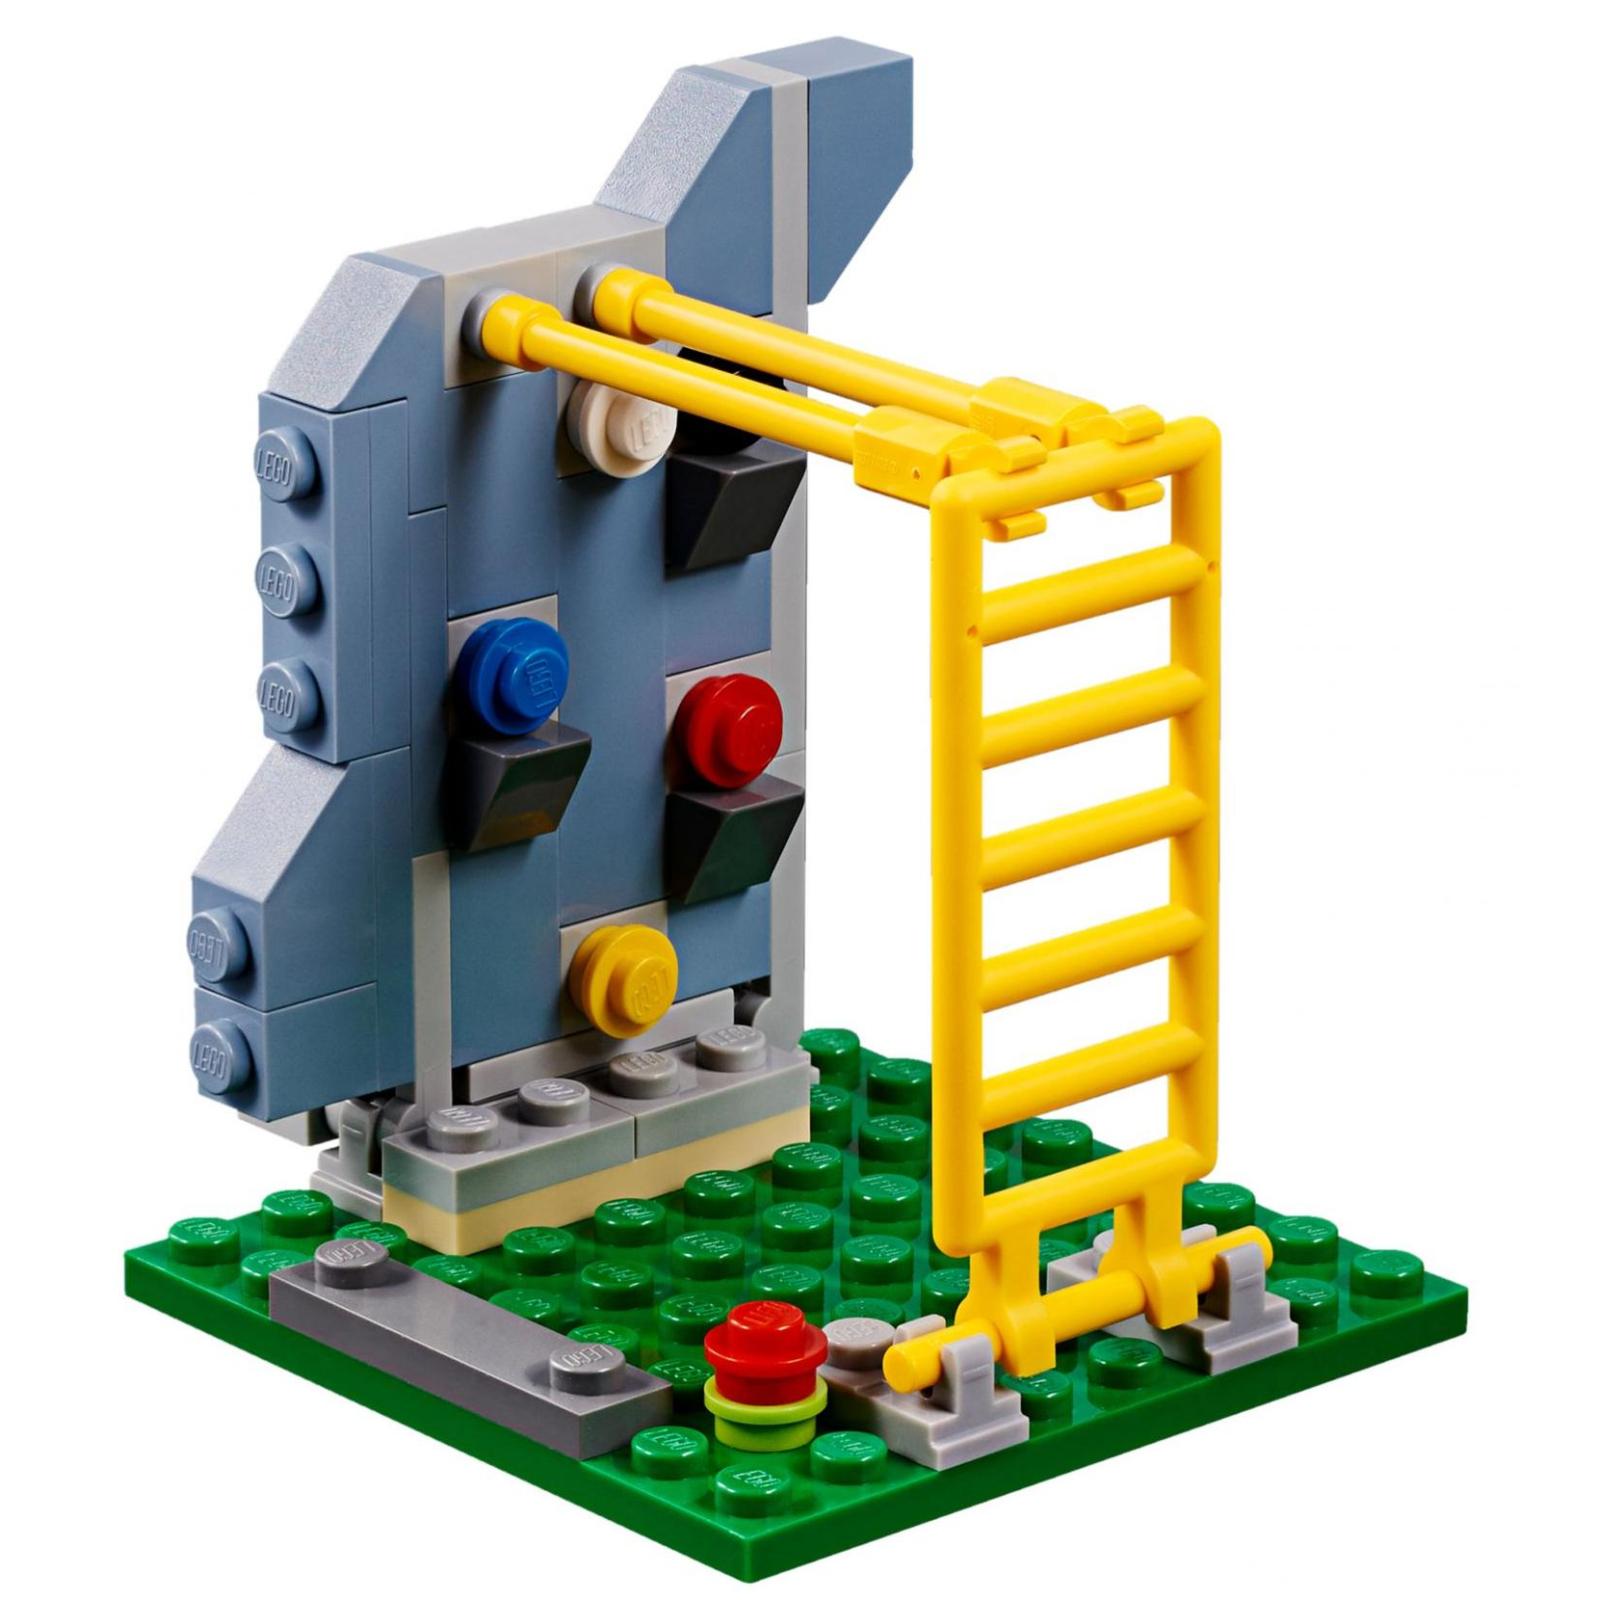 Конструктор LEGO Creator Модульный набор Каток (31081) изображение 7